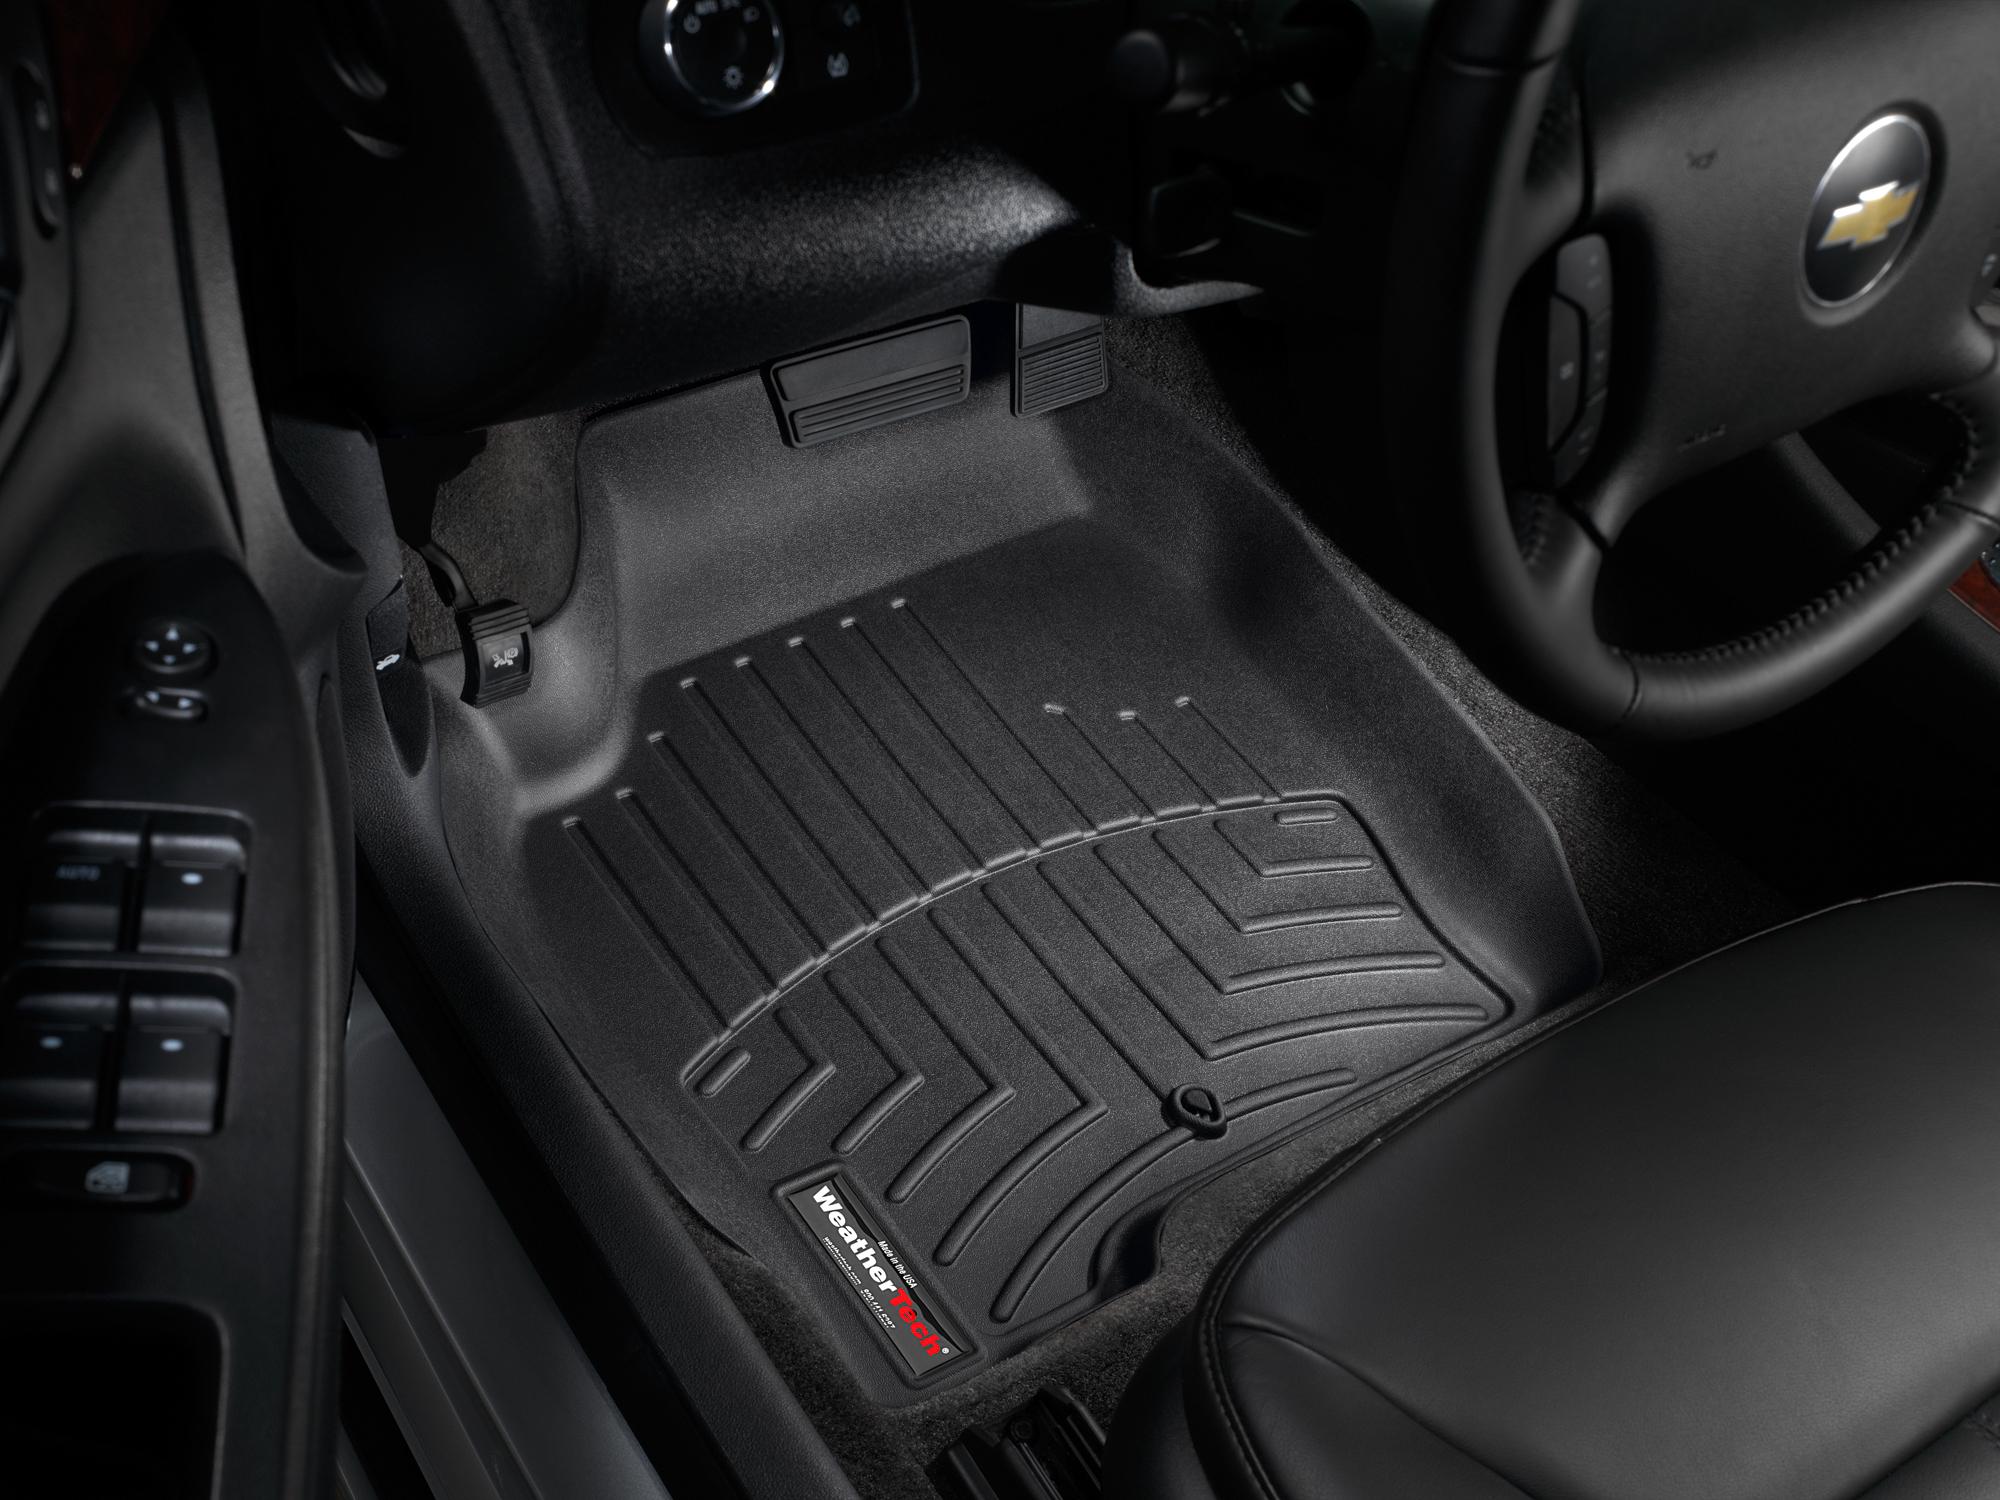 Tappeti gomma su misura bordo alto Chevrolet Impala Limited 14>16 Nero A139